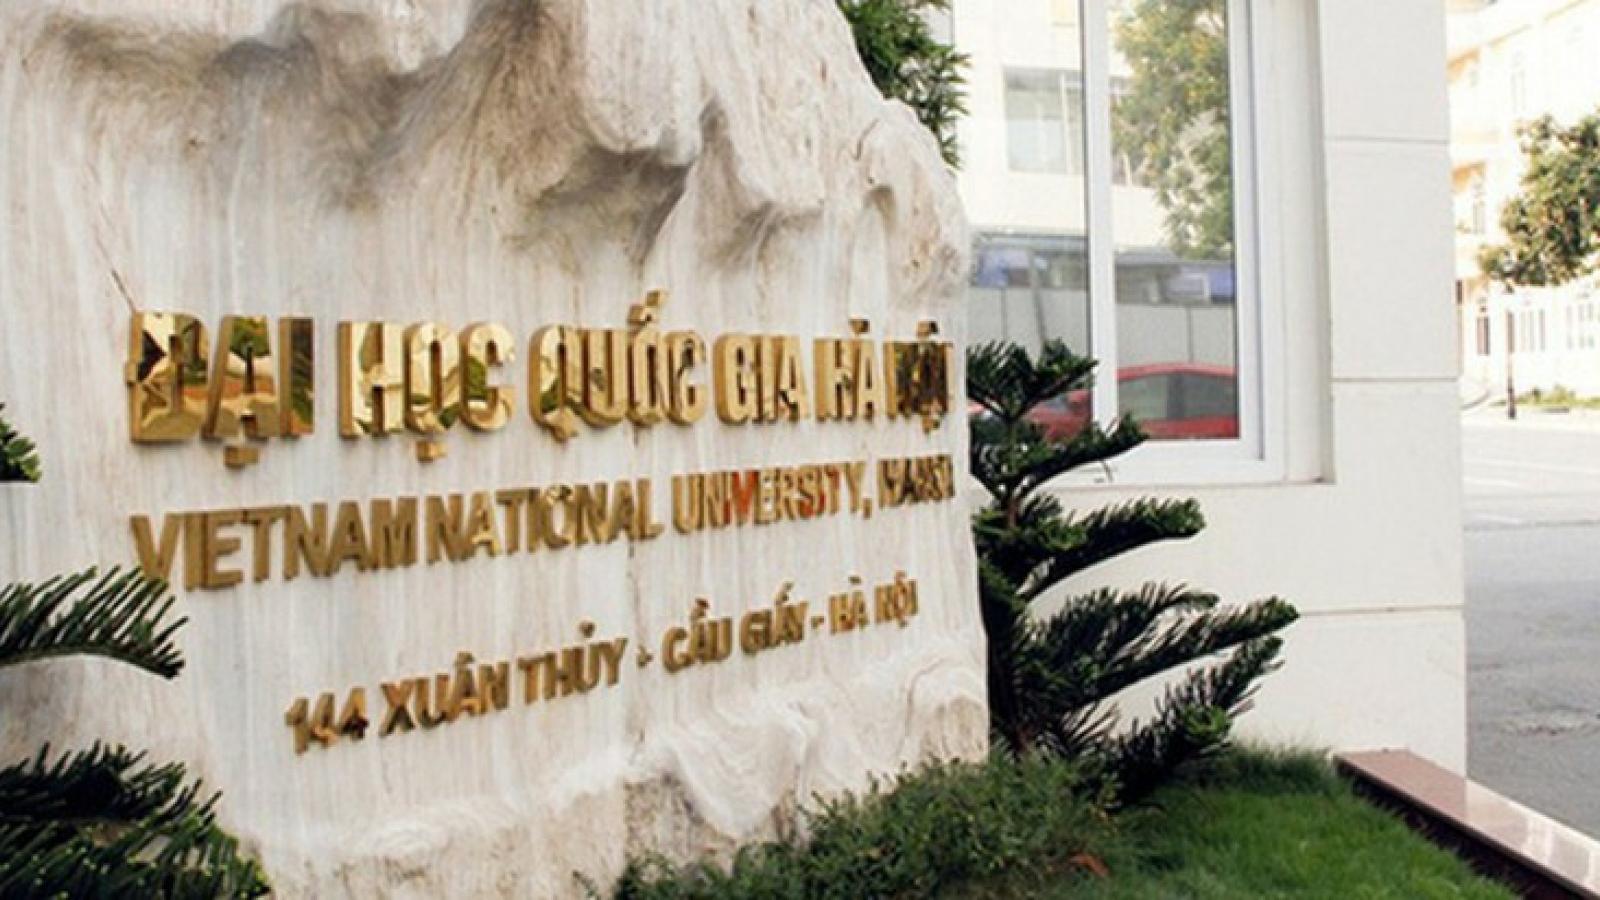 Đại học quốc gia Hà Nội tiếp tục đứng trong top 1.000 trường tốt nhất thế giới